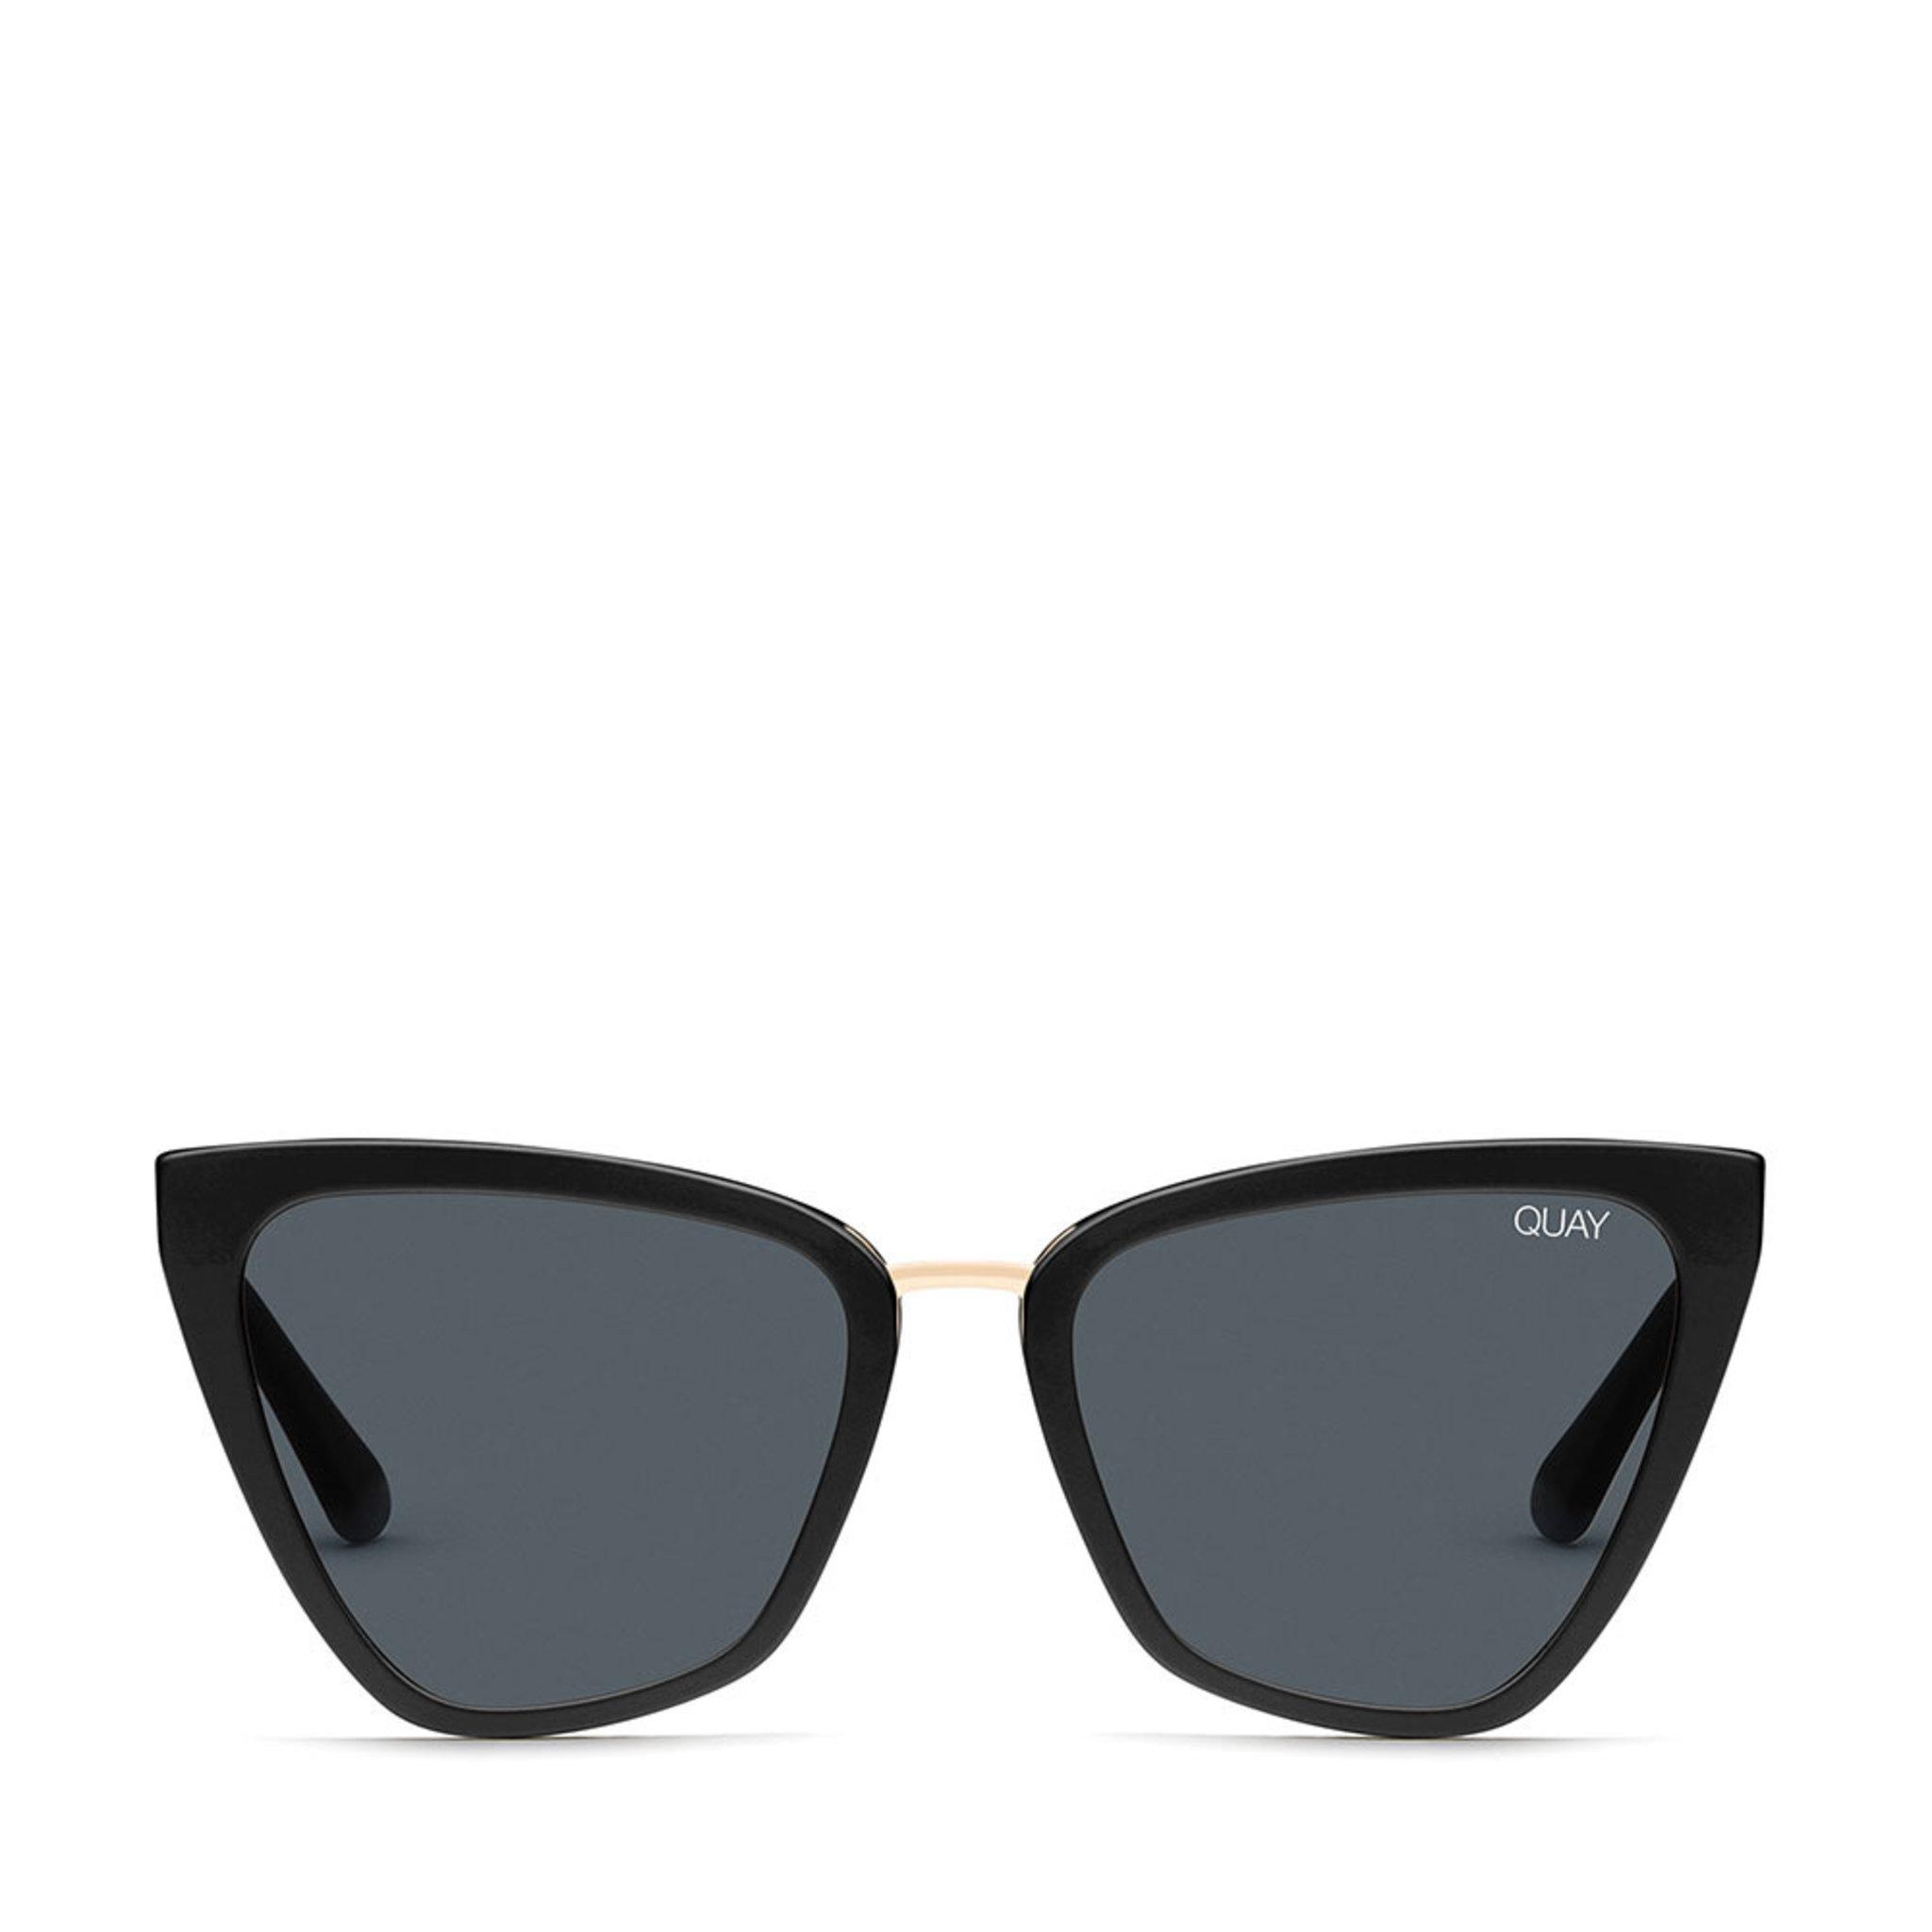 Solglasögon, REINA X J.Lo